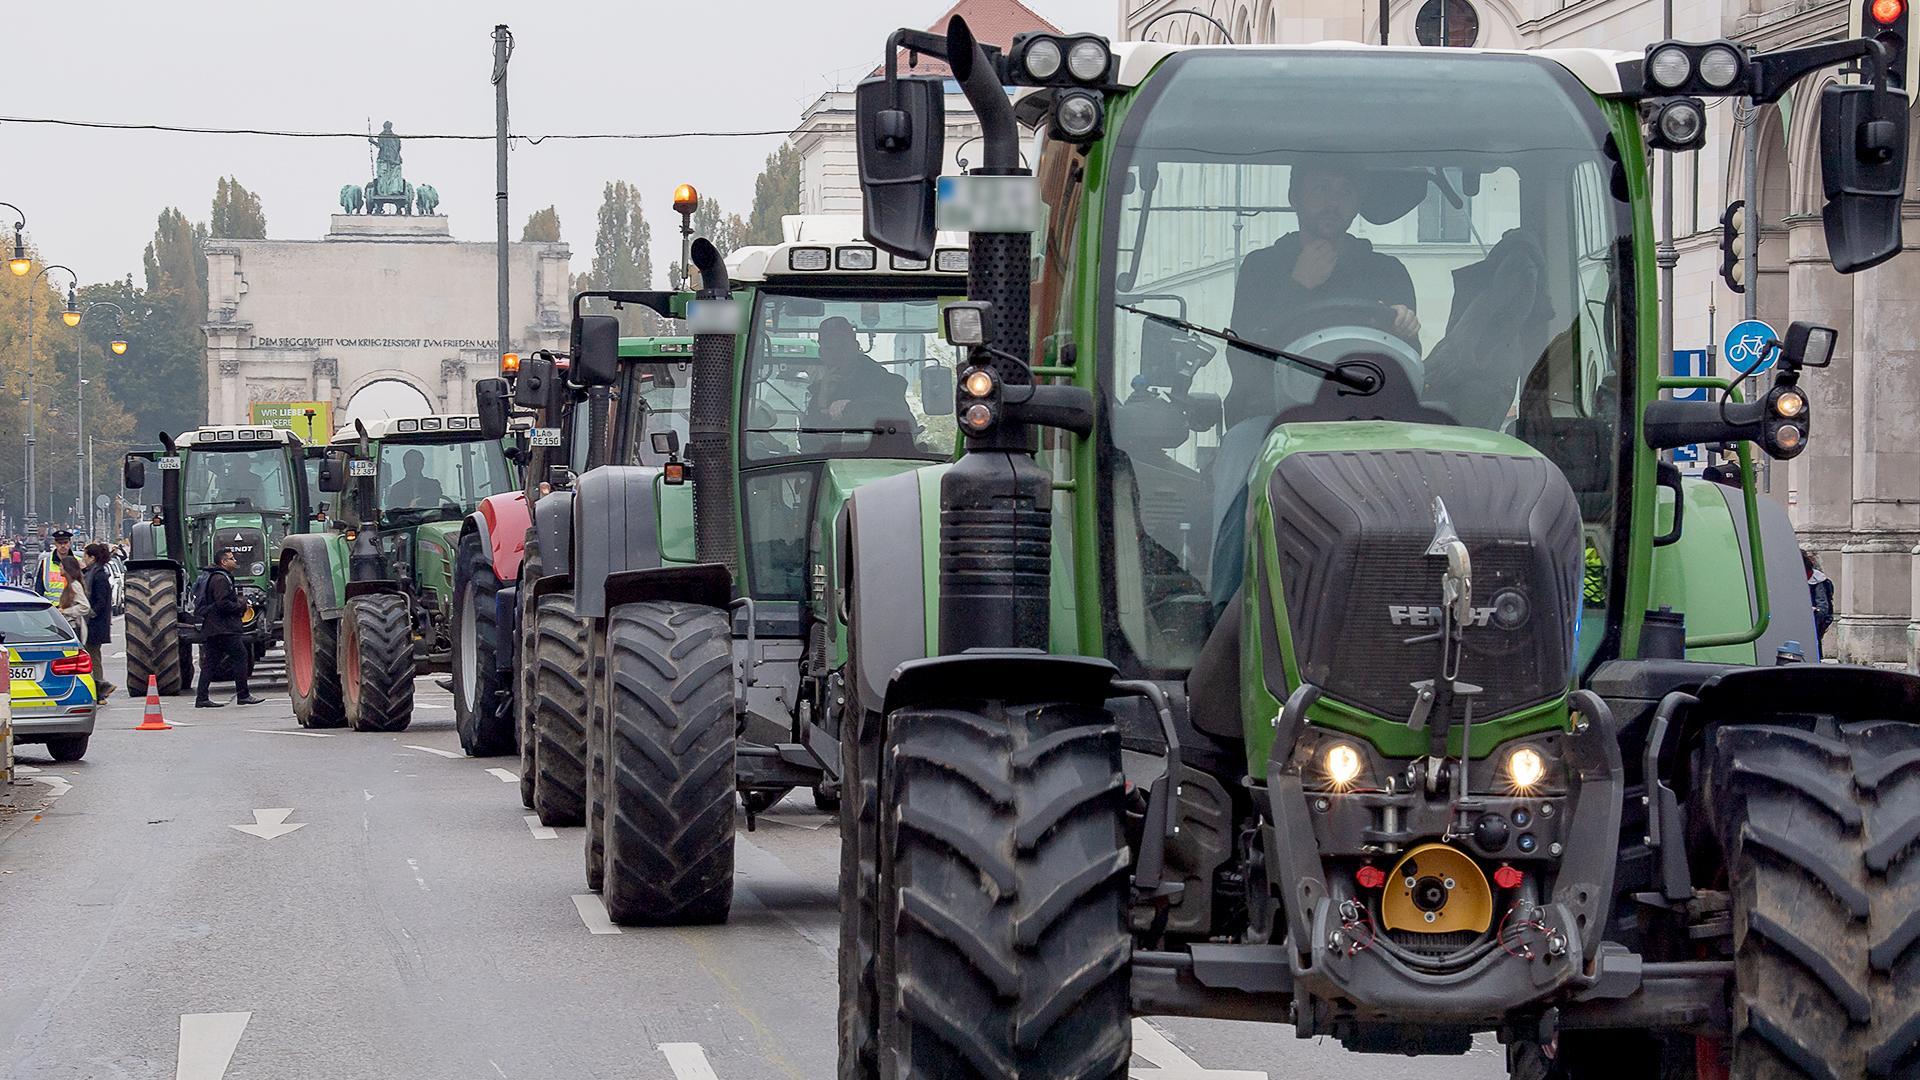 München: Traktoren fahren hintereinander zu einer Demonstration auf der Ludwigstrasse zwischen Siegestor (im Hintergrund) und Odeonsplatz